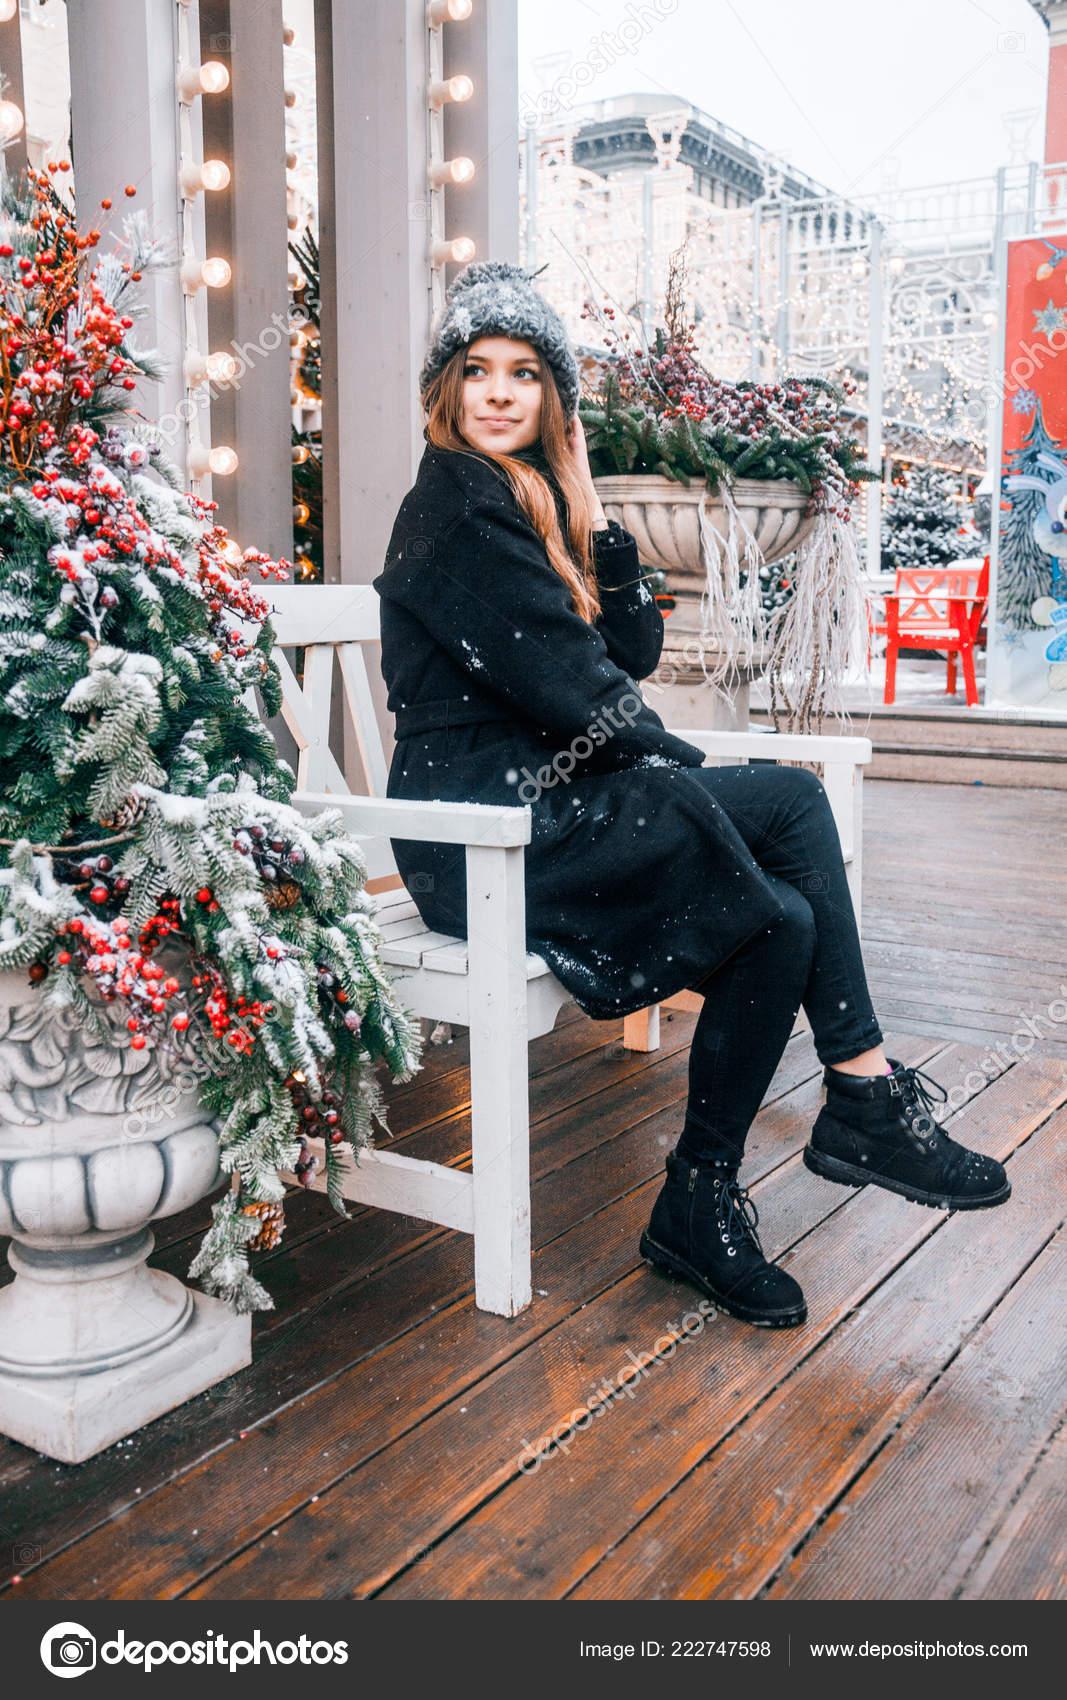 Όμορφη Ρωσική Κορίτσι Μια Μέρα Σύννεφο Στυλ Ρούχα Χειμώνα Περπάτημα —  Φωτογραφία Αρχείου 6b345237b5c